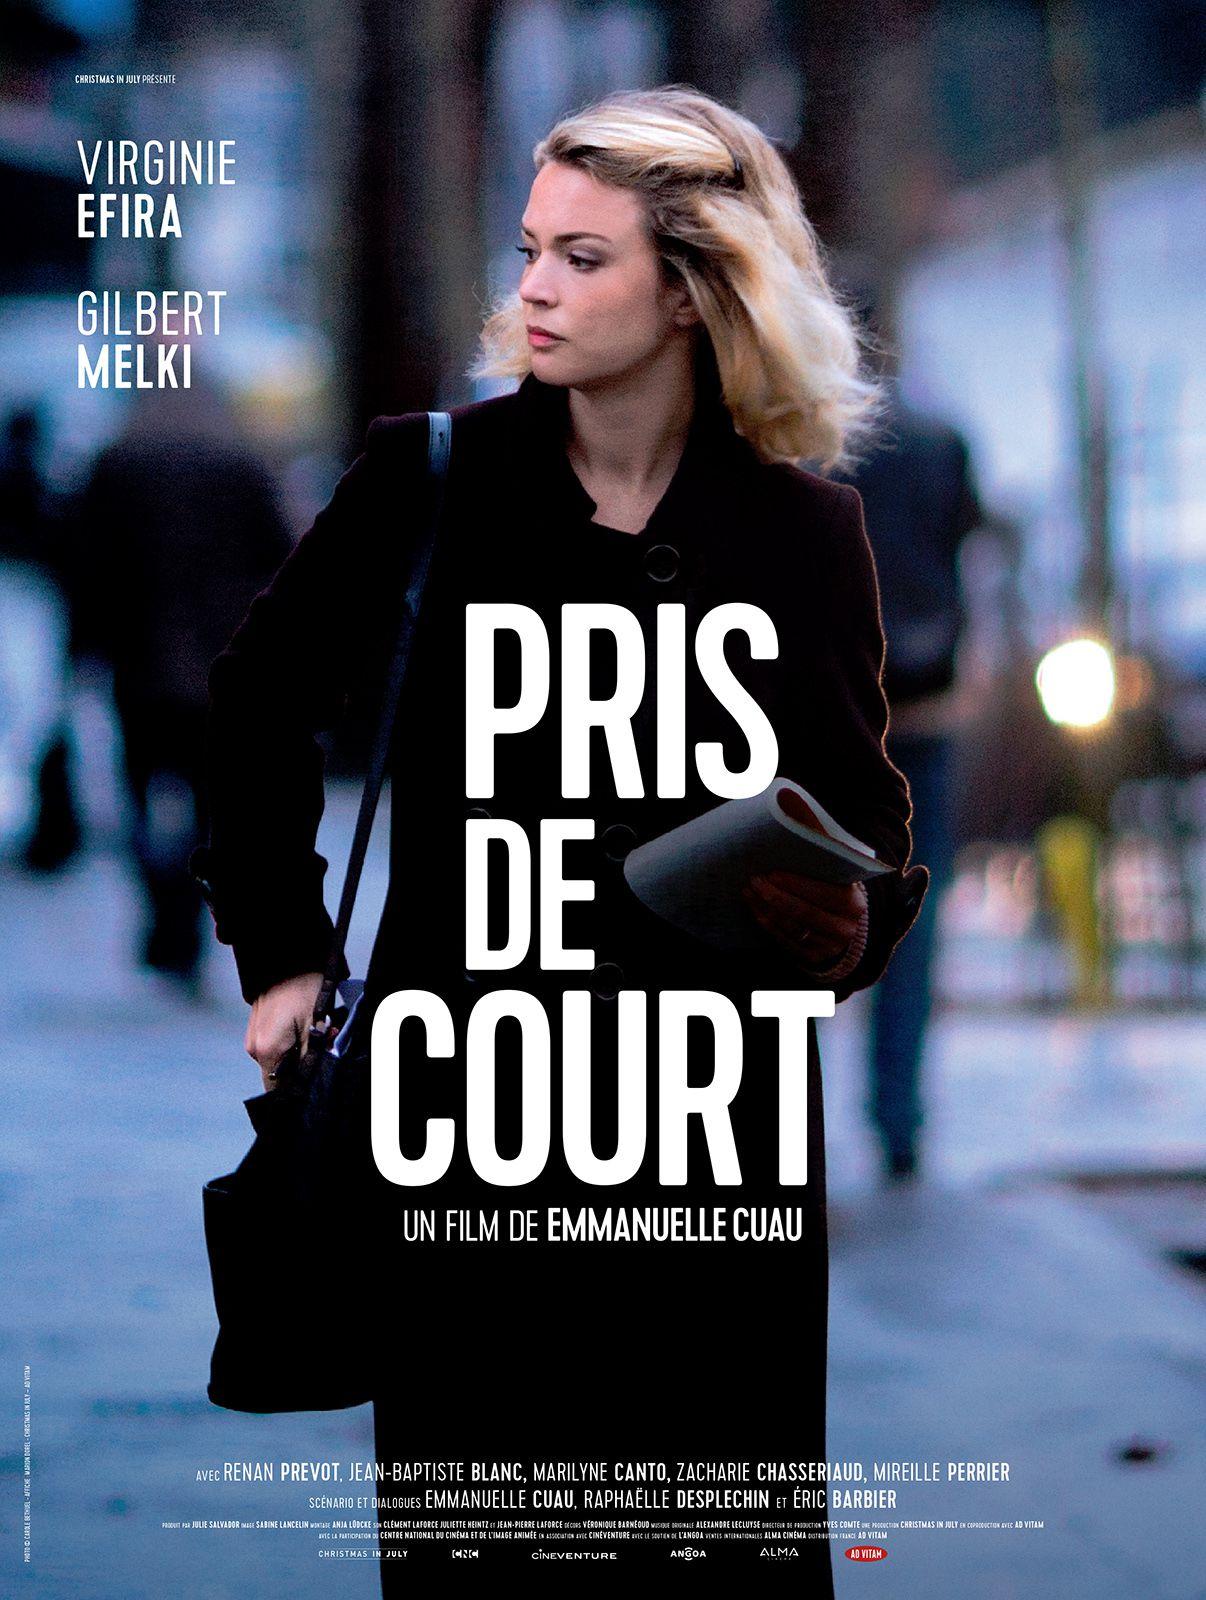 Pris de court - Film (2017)